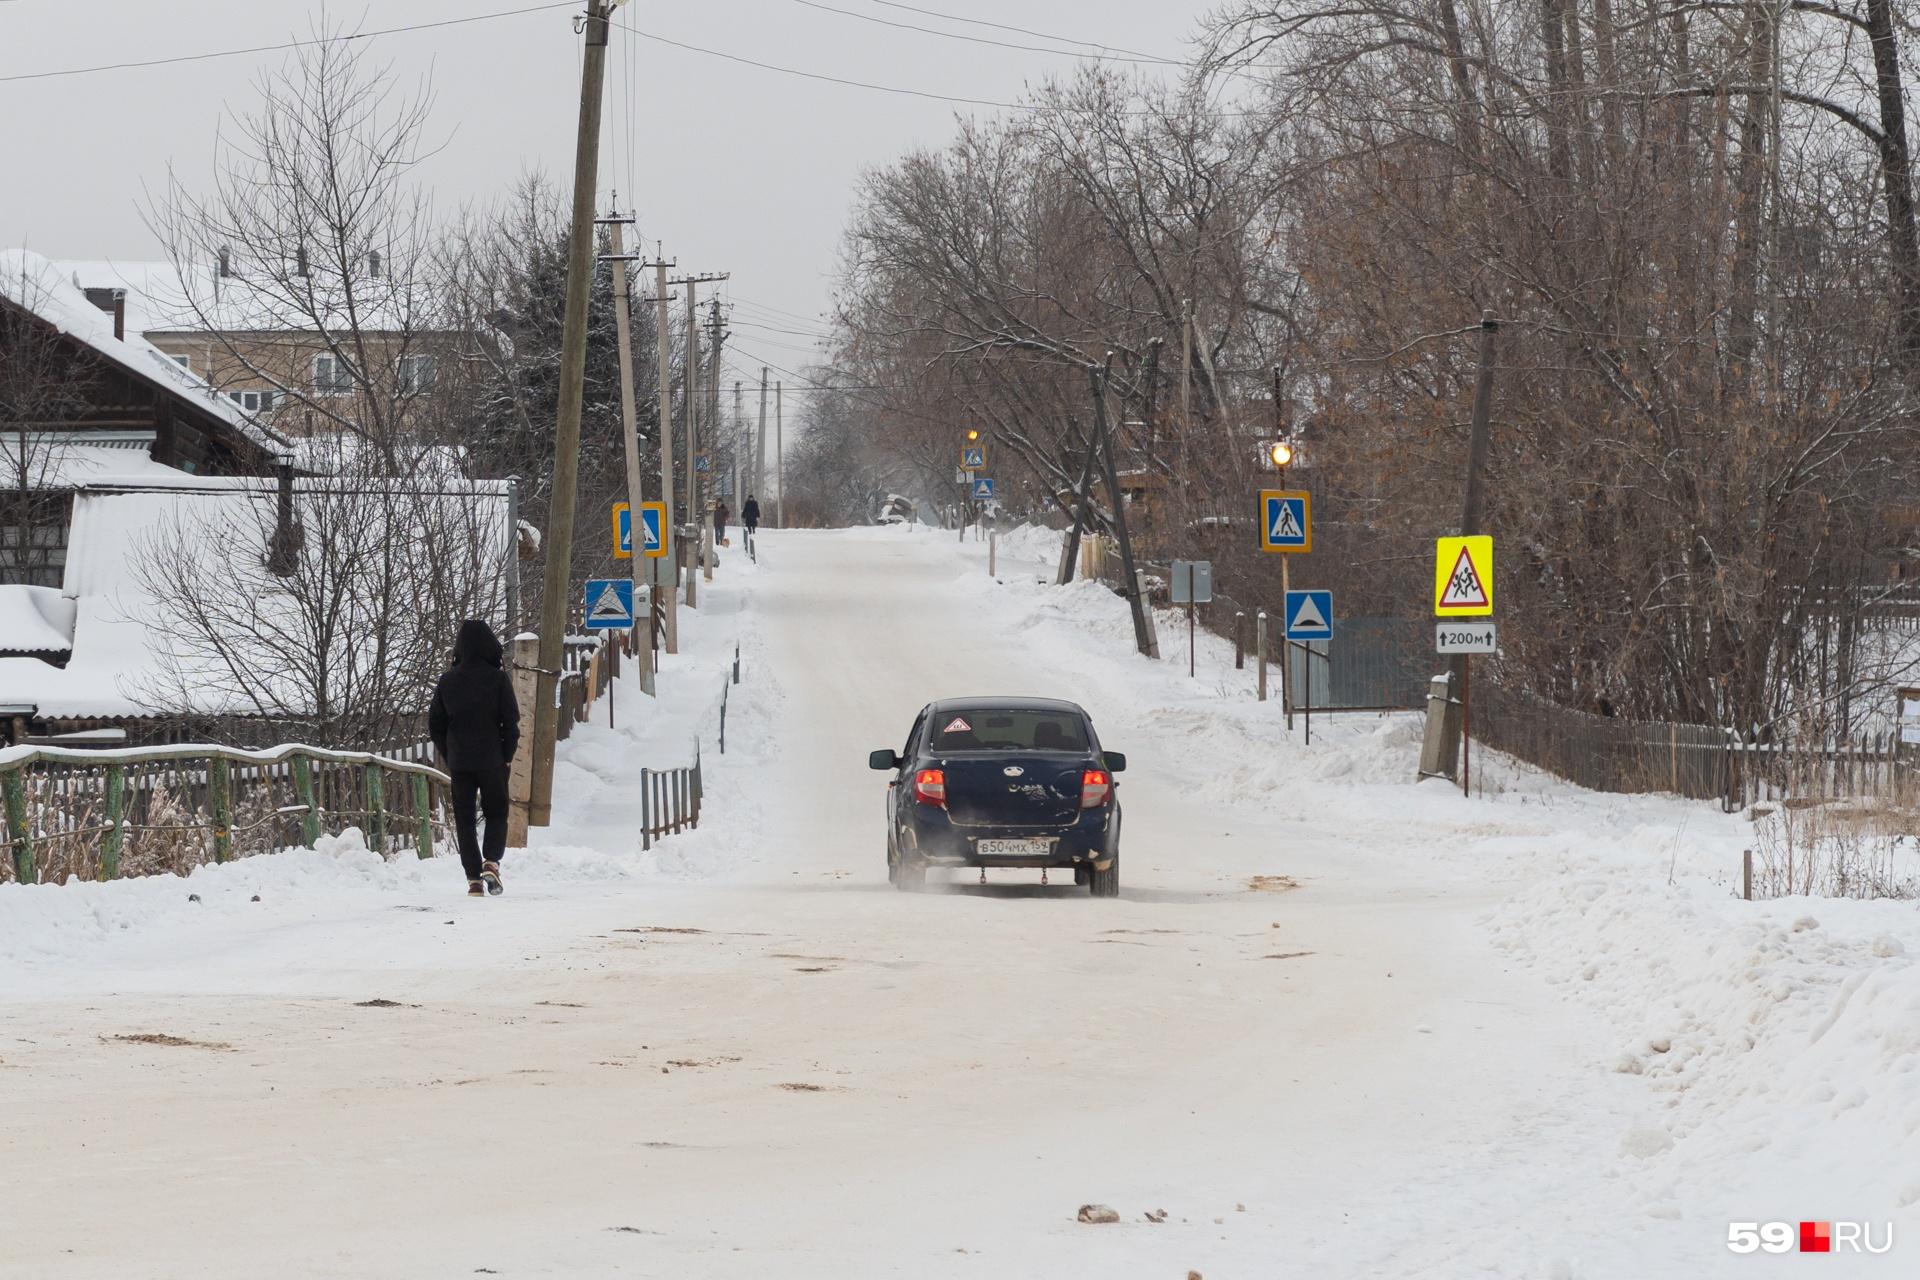 Одна из улиц Северного Коммунара